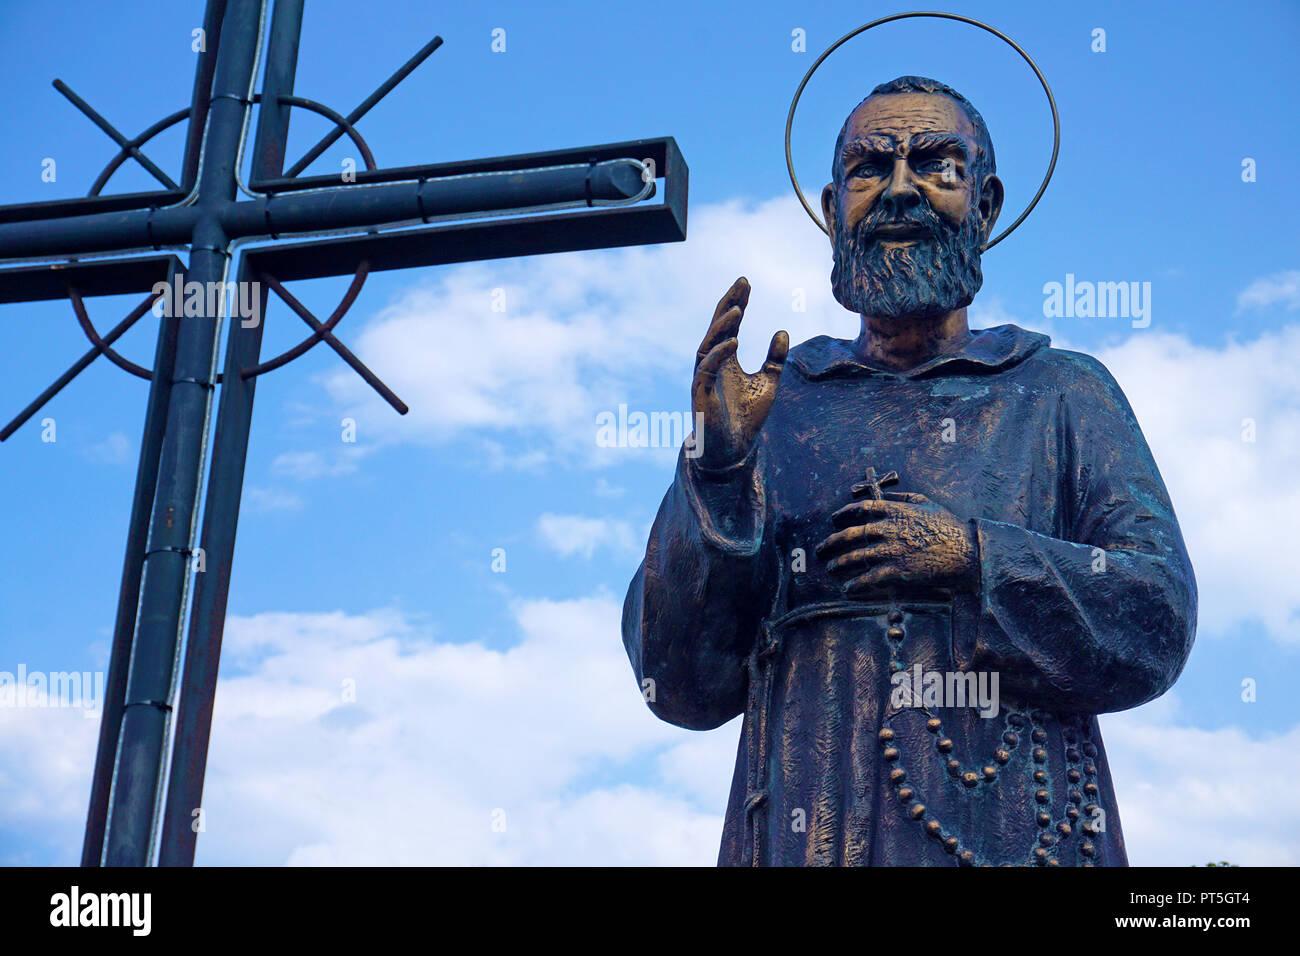 Statuel in bronzo in onore di Padre Pio a Aci Trezza, comune di Aci Castello, Catania, Sicilia, Italia Immagini Stock